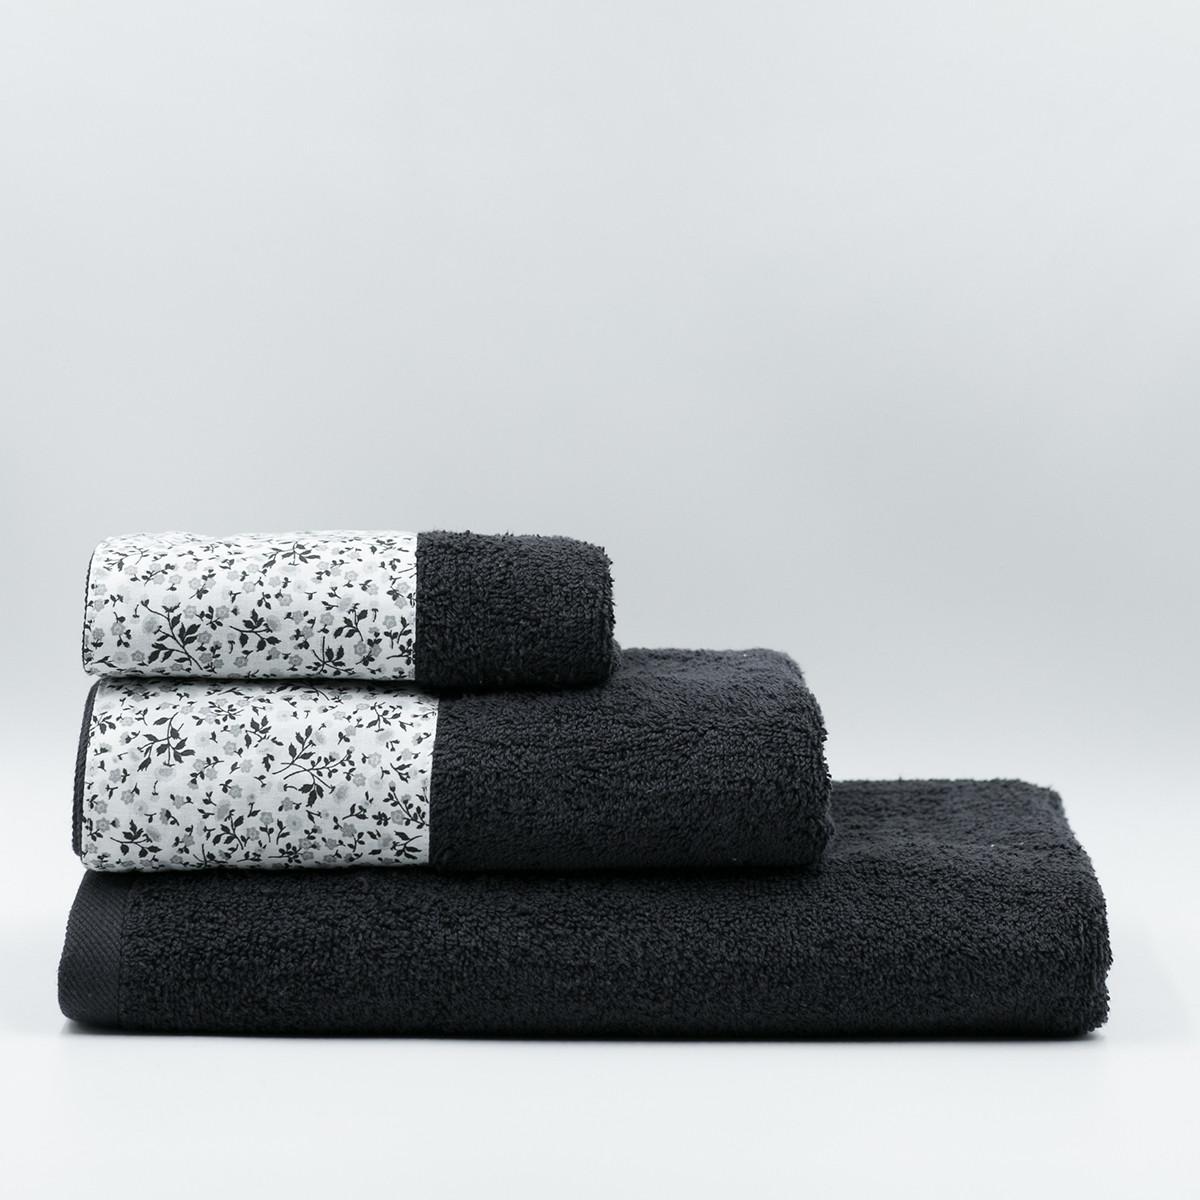 Πετσέτες Μπάνιου (Σετ 3τμχ) White Fabric Liberty Black